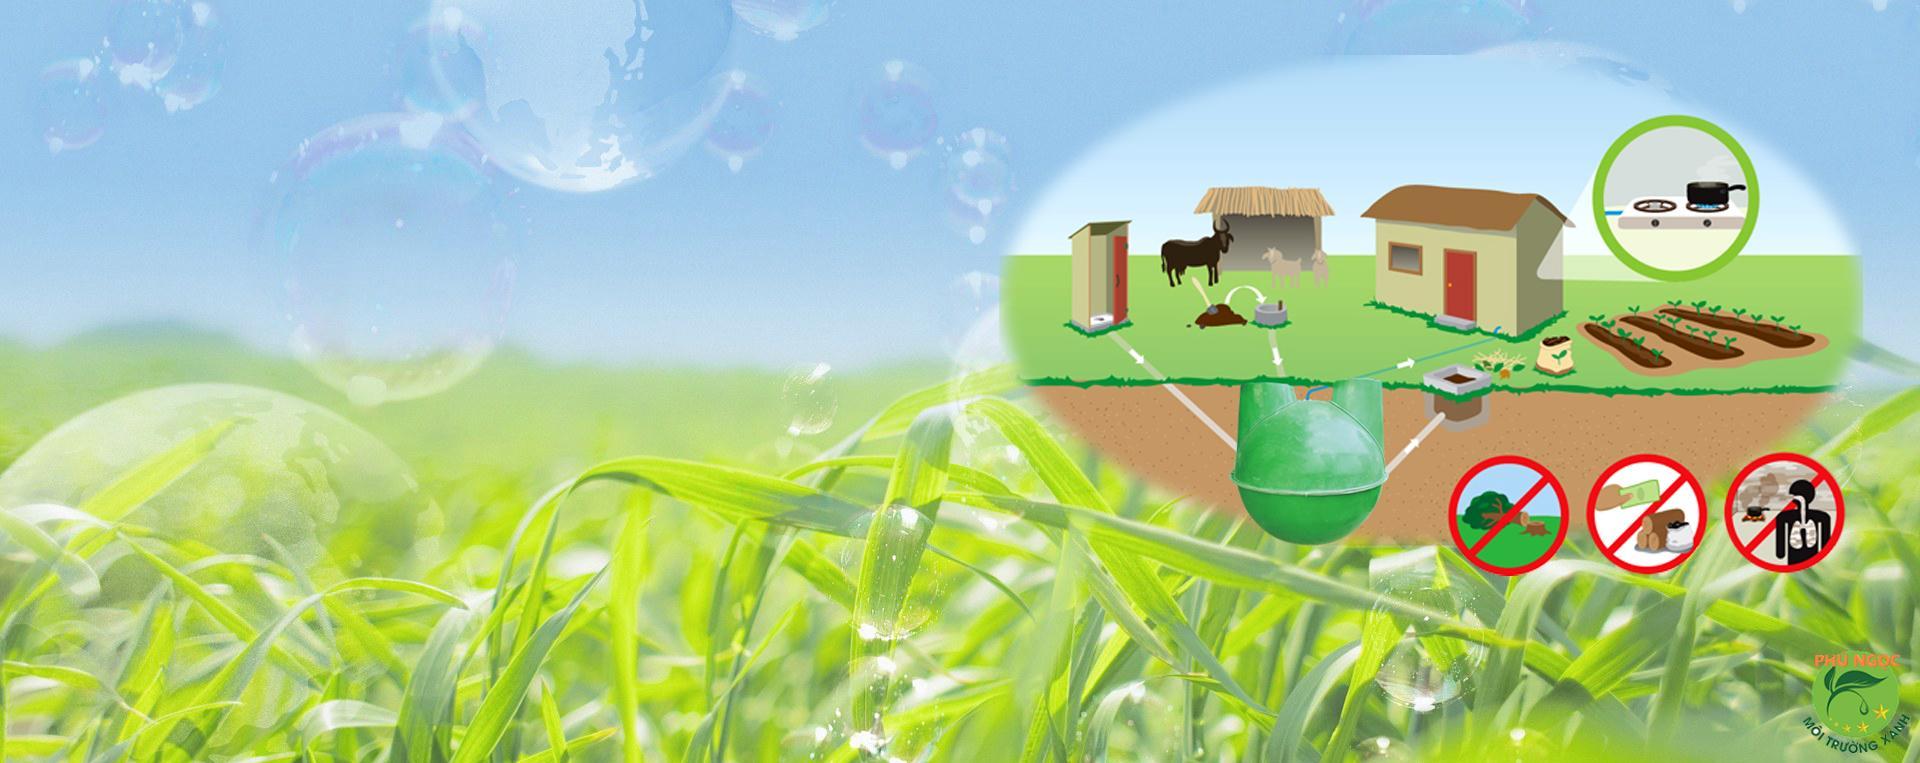 Ứng dụng của khí Biogas trong sản xuất, trồng trọt